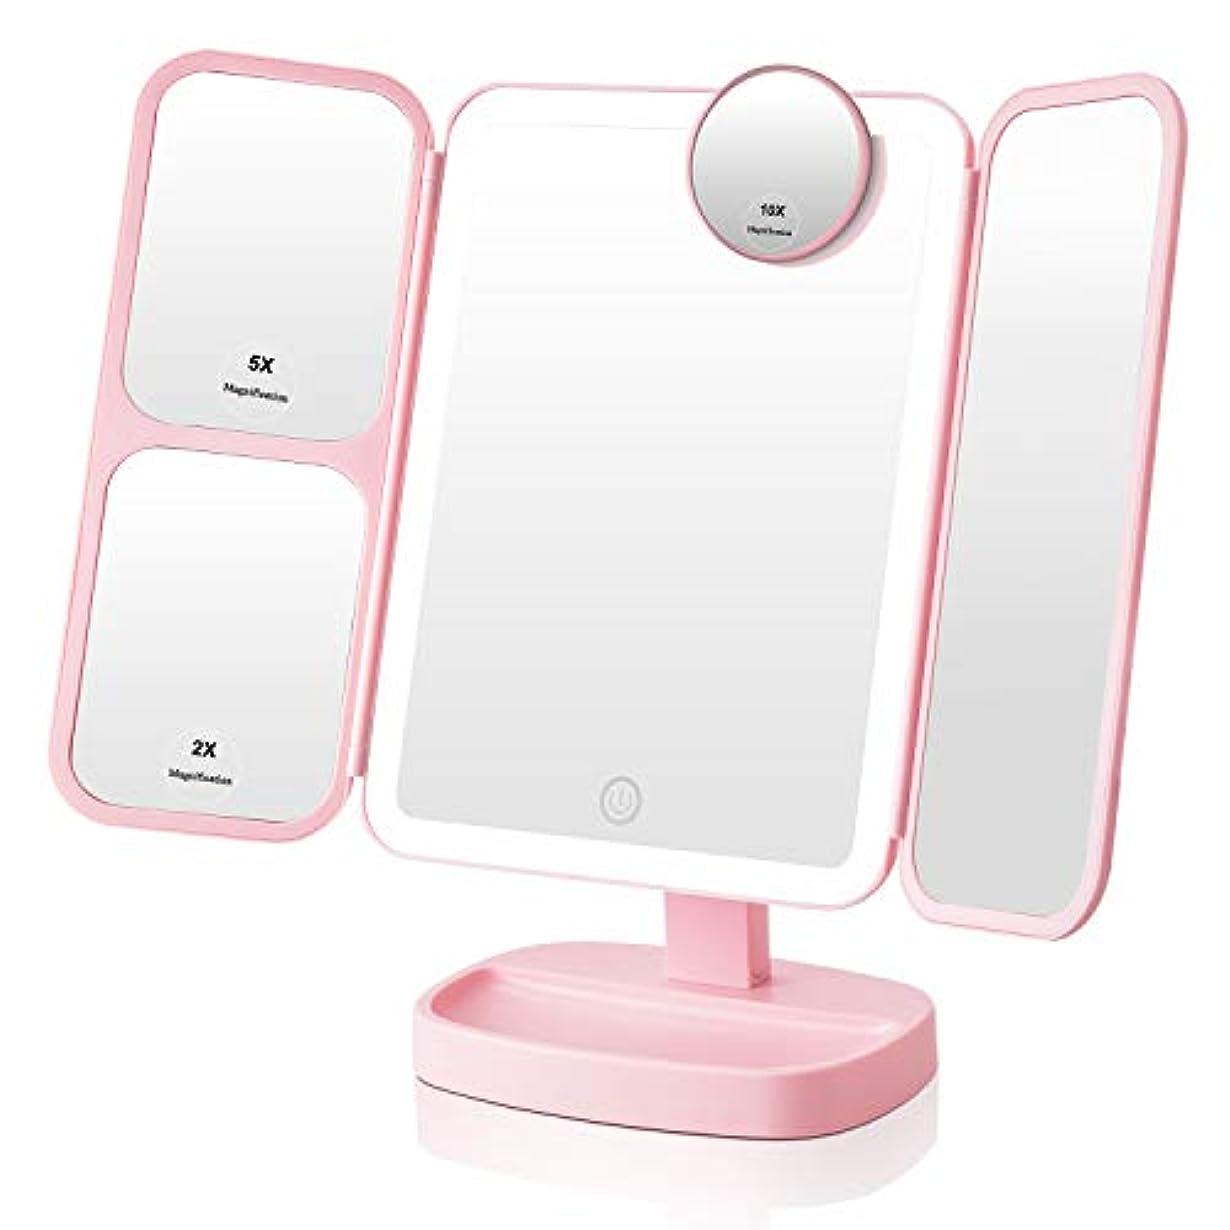 迫害する食事うそつきEasehold 化粧鏡 三面鏡 化粧ミラー 卓上ミラー 鏡 led付き 折りたたみ 2&5&10倍拡大鏡付き 明るさ調節可能 180°回転 プレゼント(ピンク)